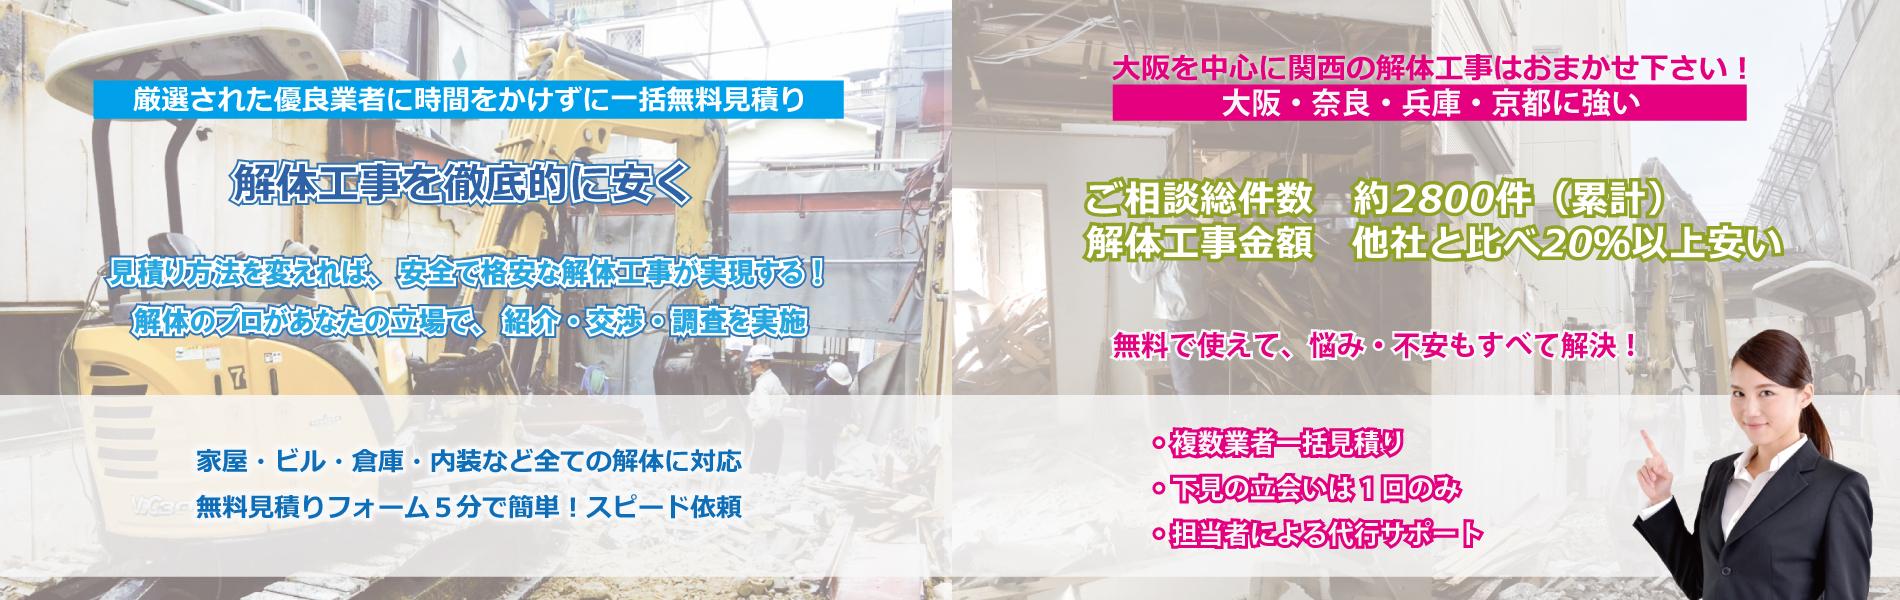 大阪の解体工事は無料見積りのクラヴェ